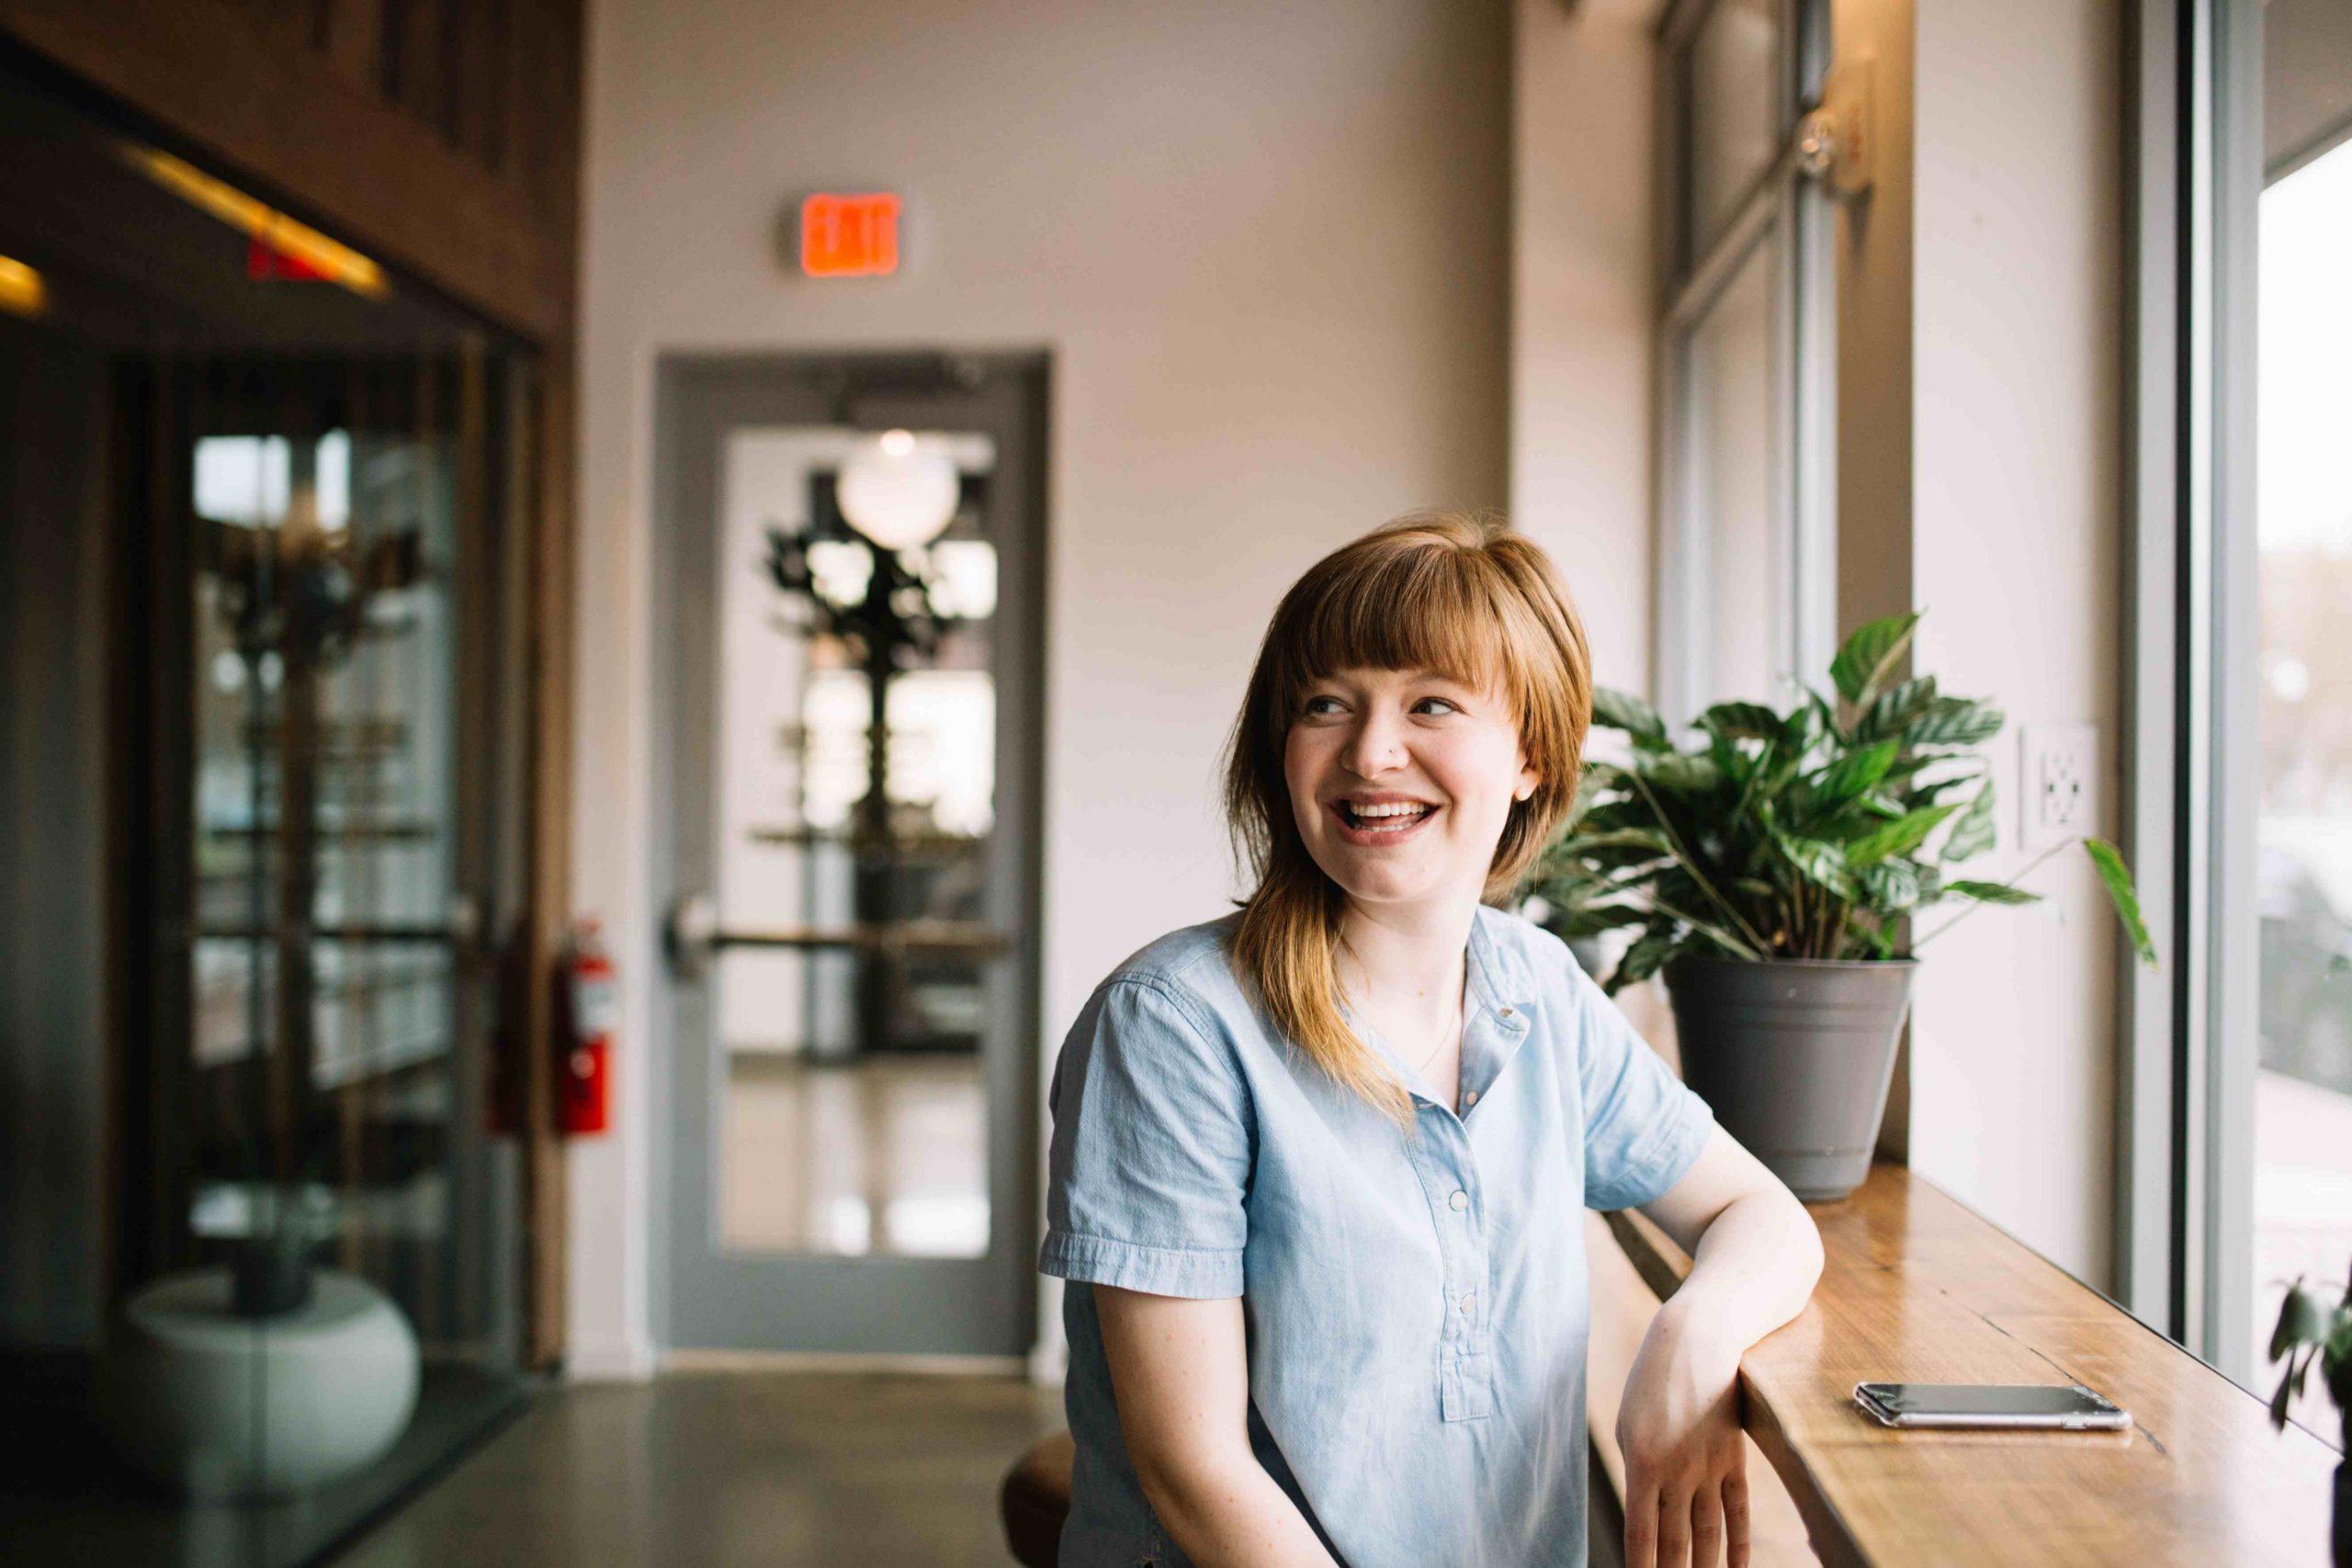 Fotografi av rødhåret kvinne som sitter ved vinduet